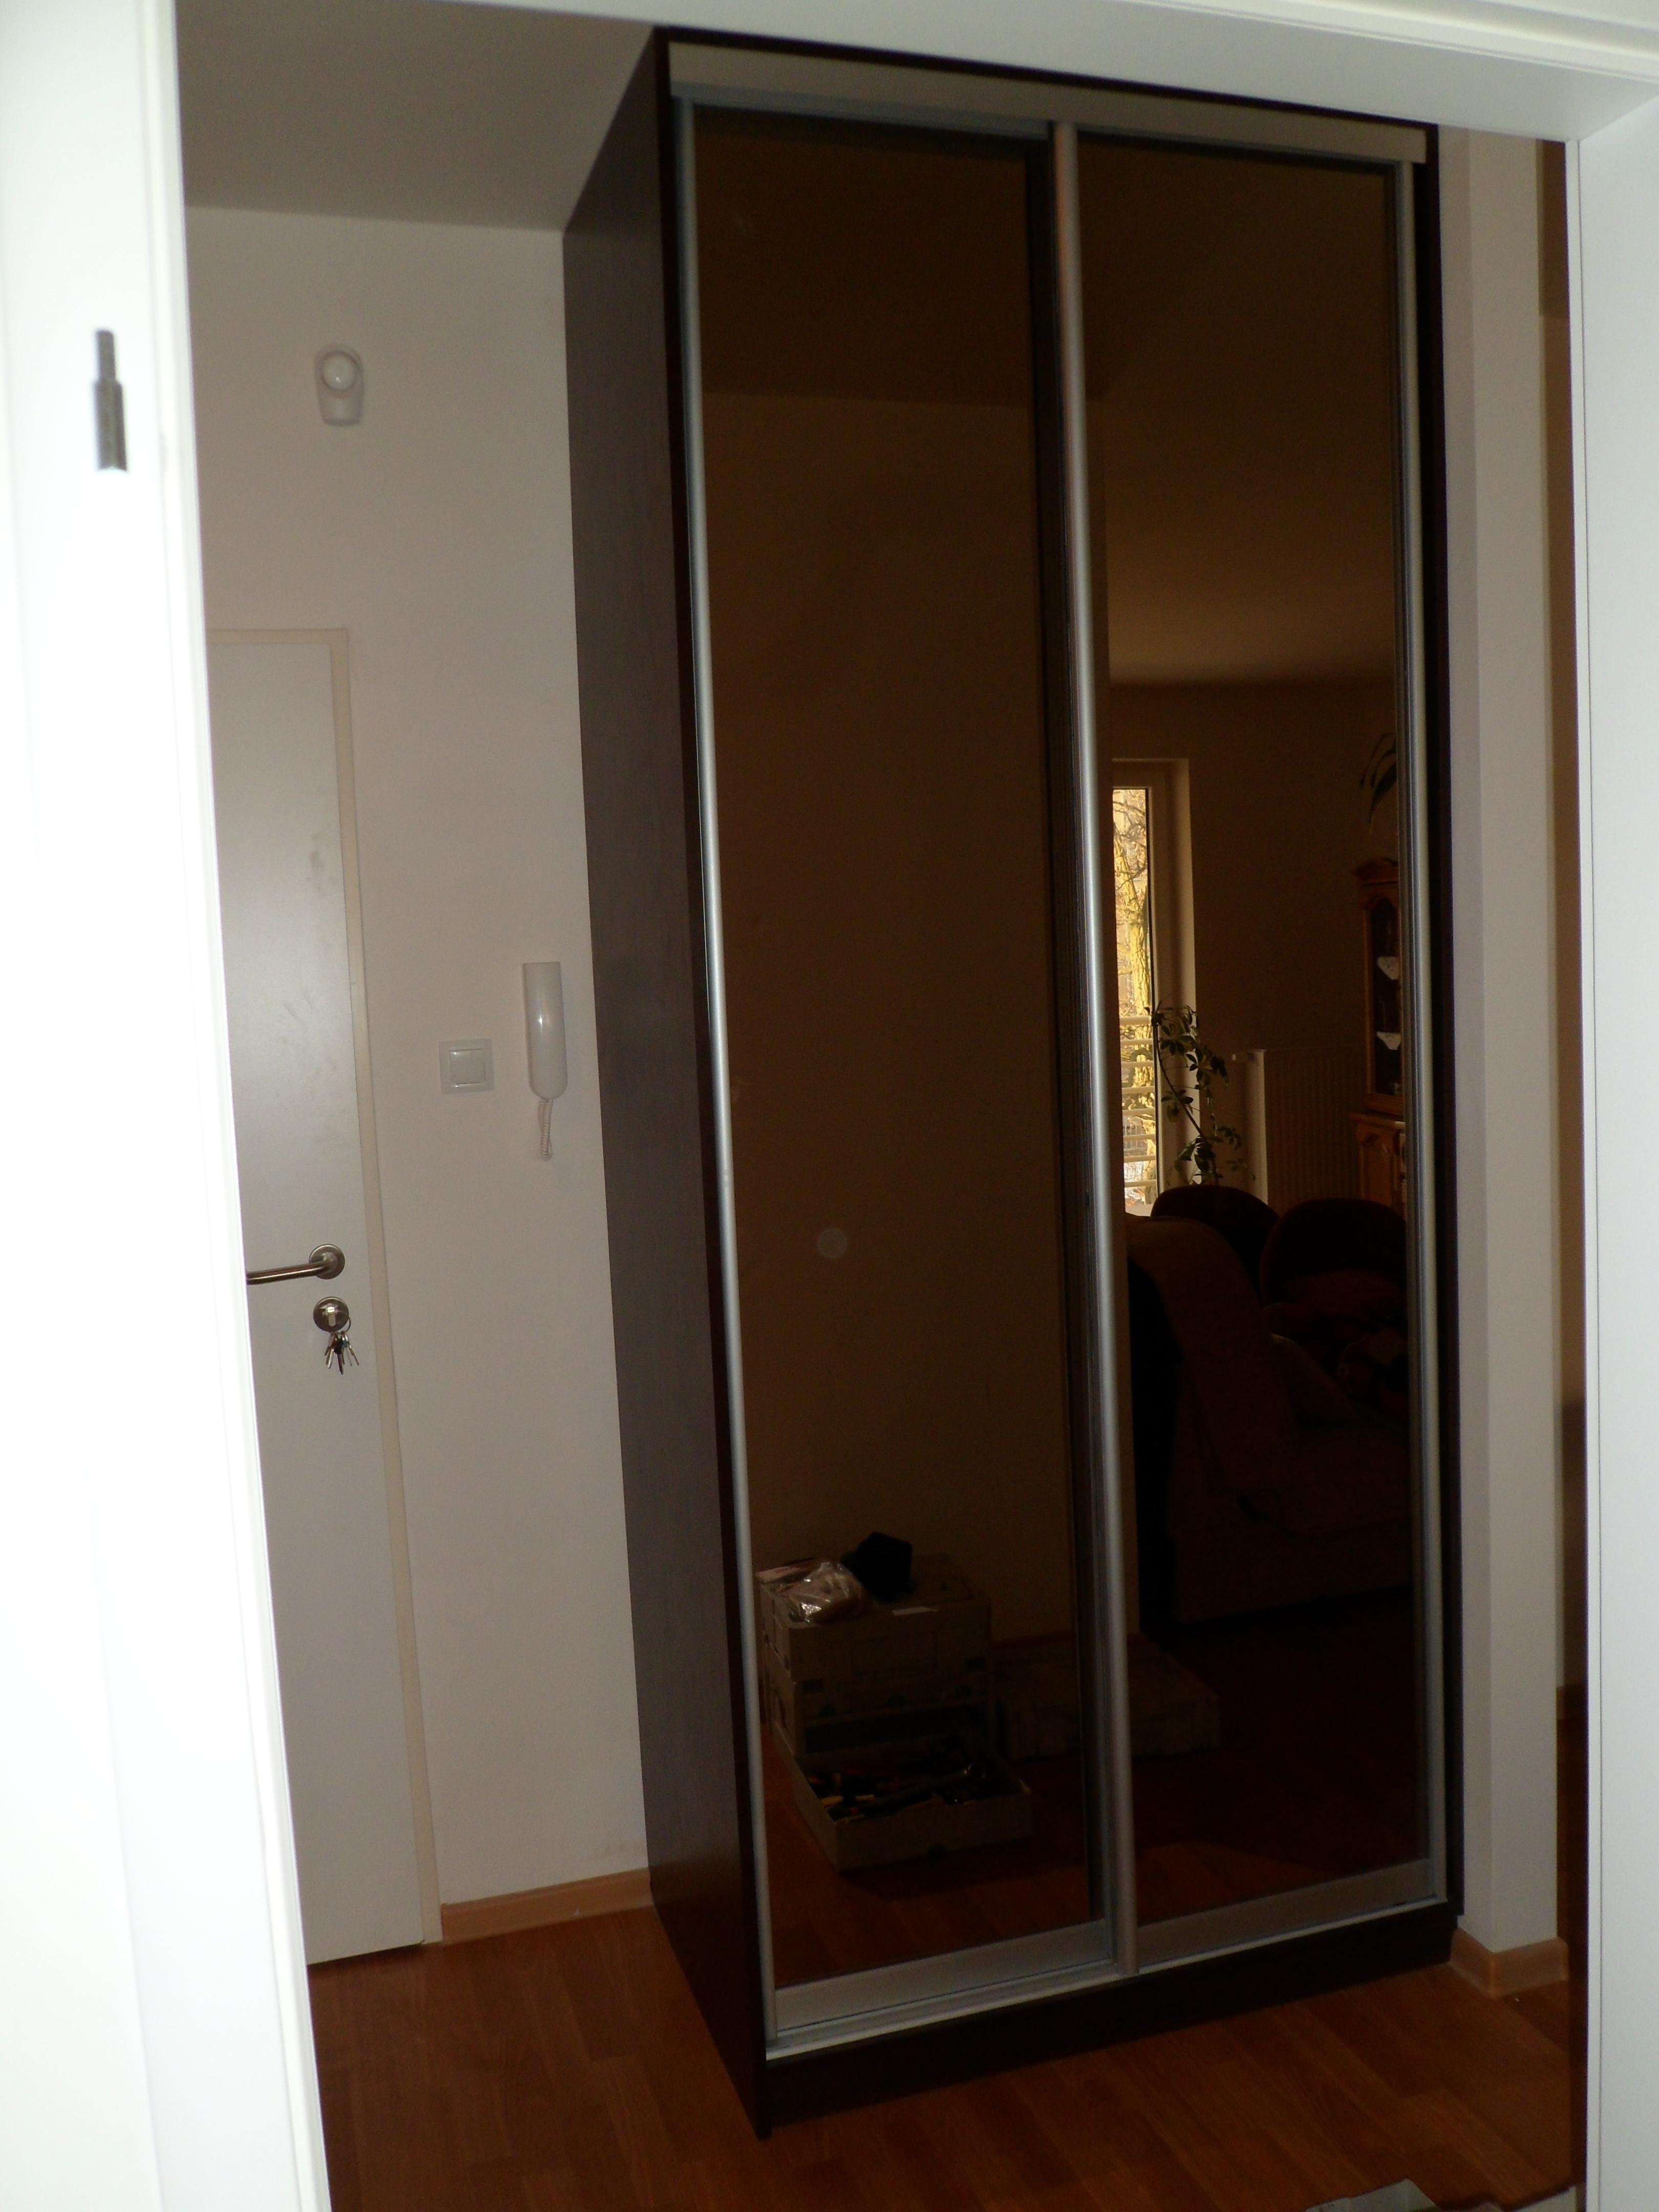 szafy wnękowe tanio rawa maz,szafy wnękowe garderoby rawa maz, szafy wnękowe Rawa Mazowiecka i okolice